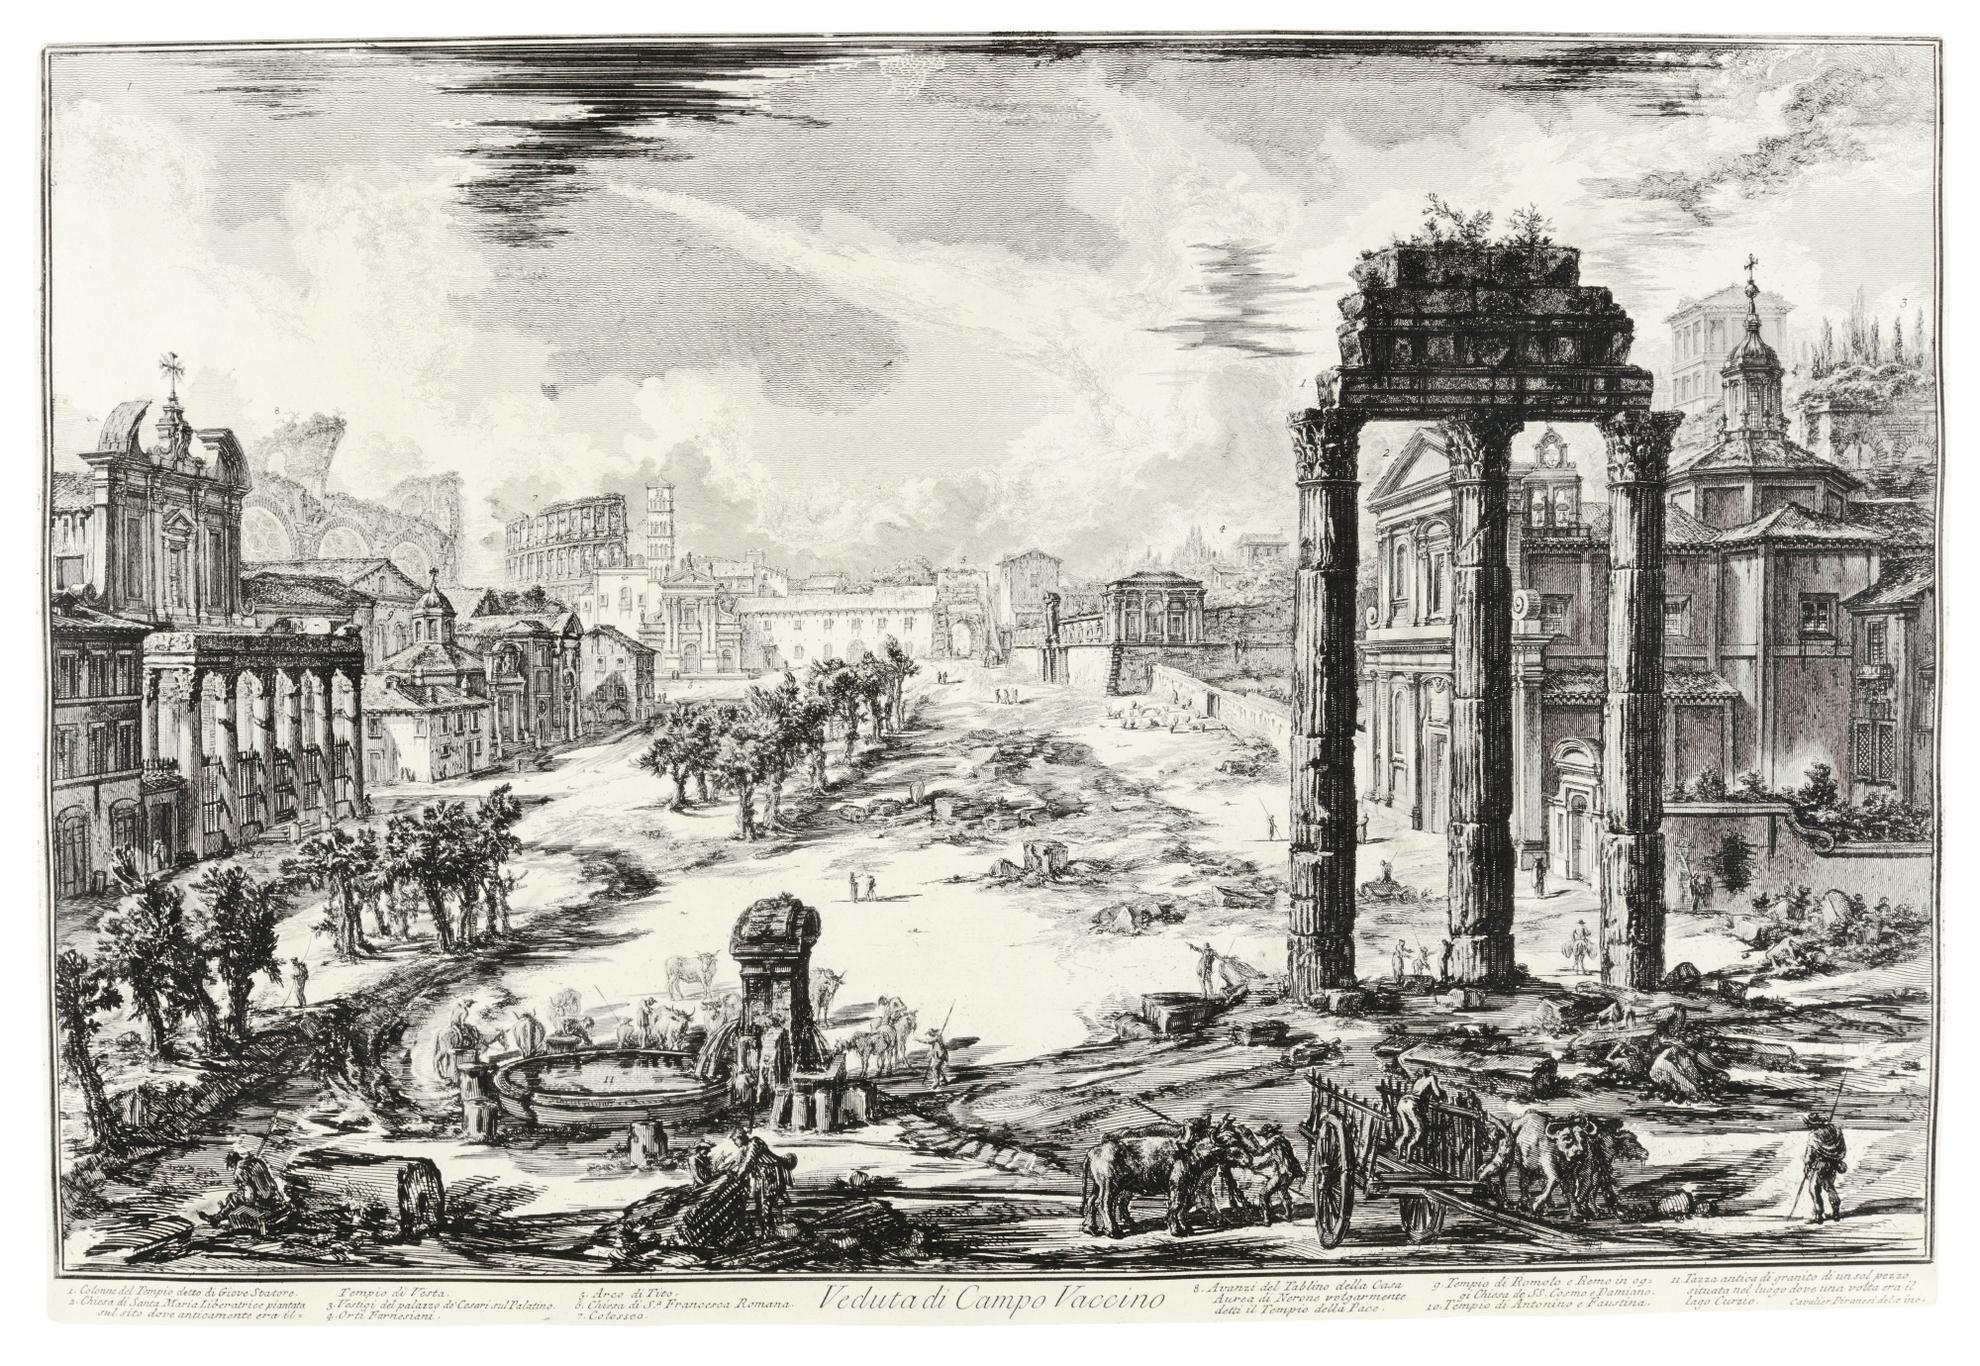 Giovanni Battista Piranesi-Vedute Di Roma: Seventeen Plates (Hind 6, 12-13, 20, 22-24, 26, 30, 32-3, 36, 83, 85, 90, 100, 106)-1776